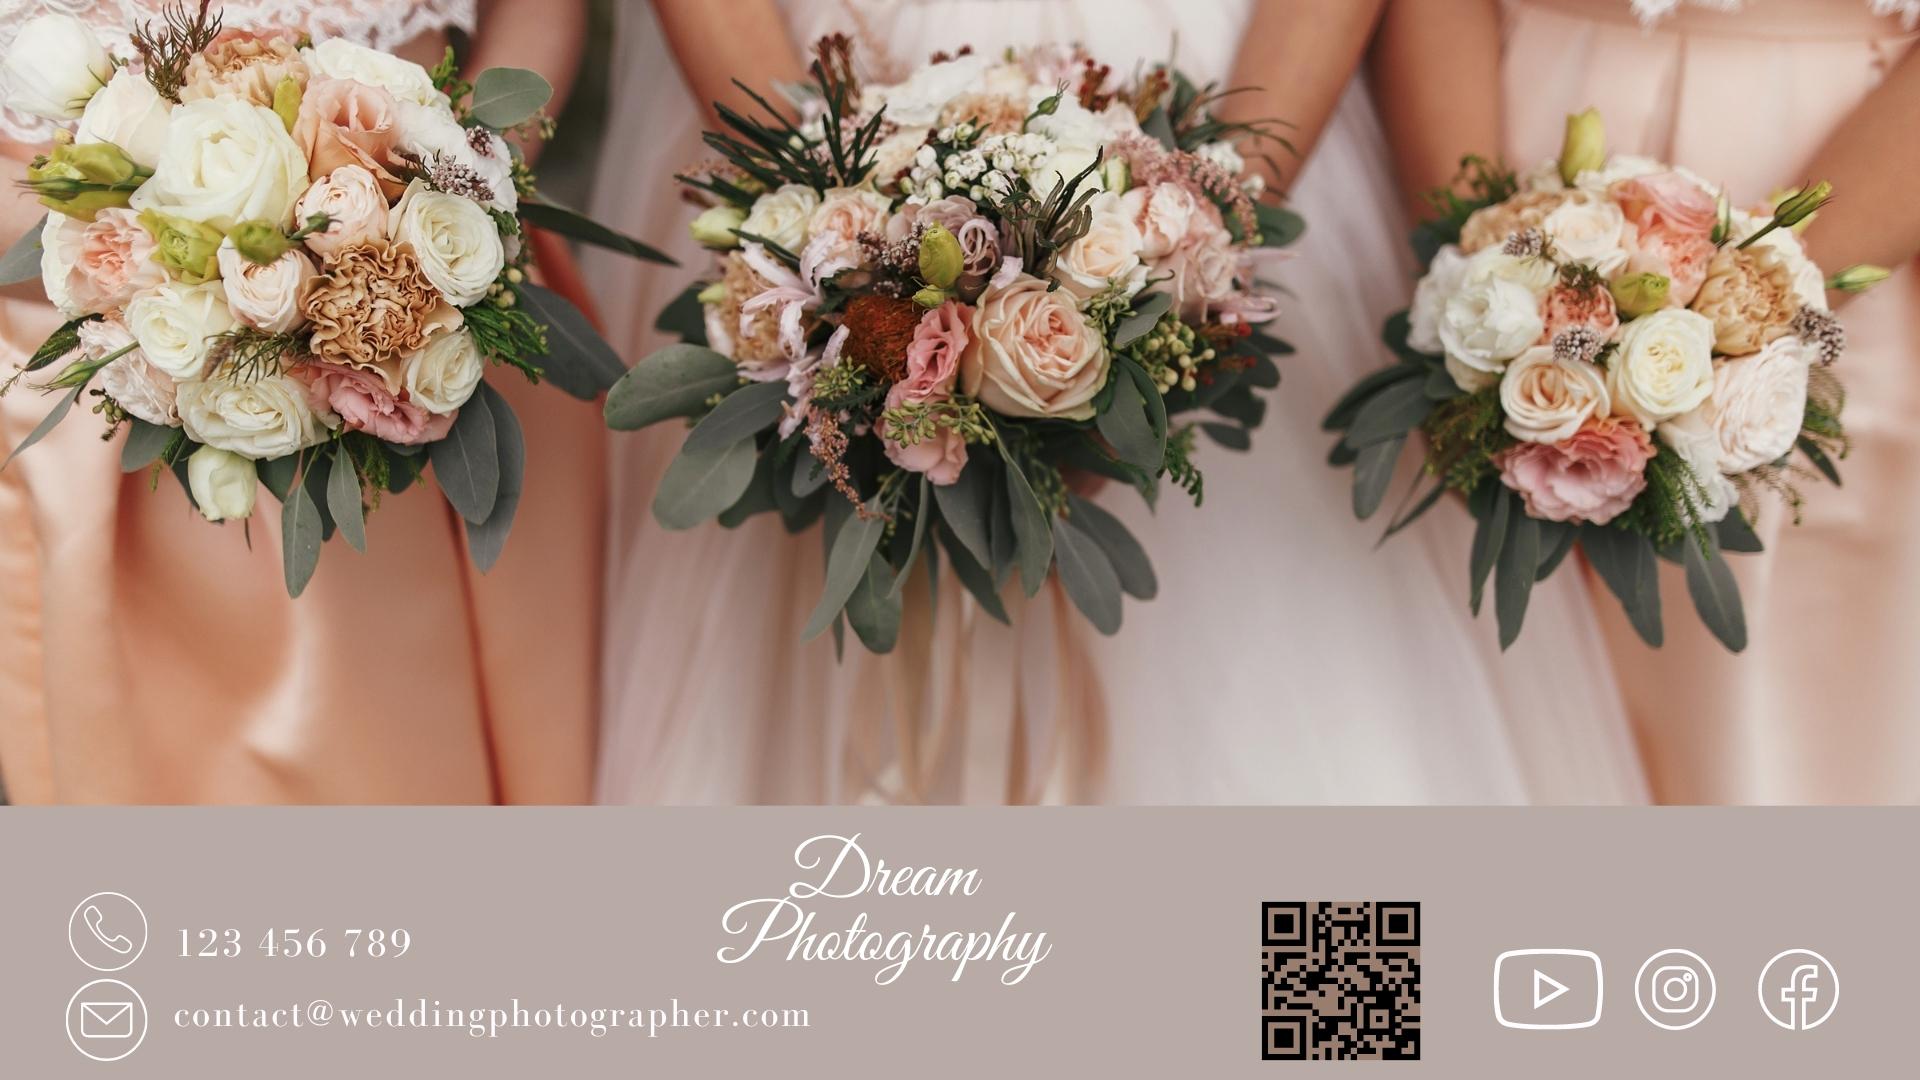 QR code for wedding website